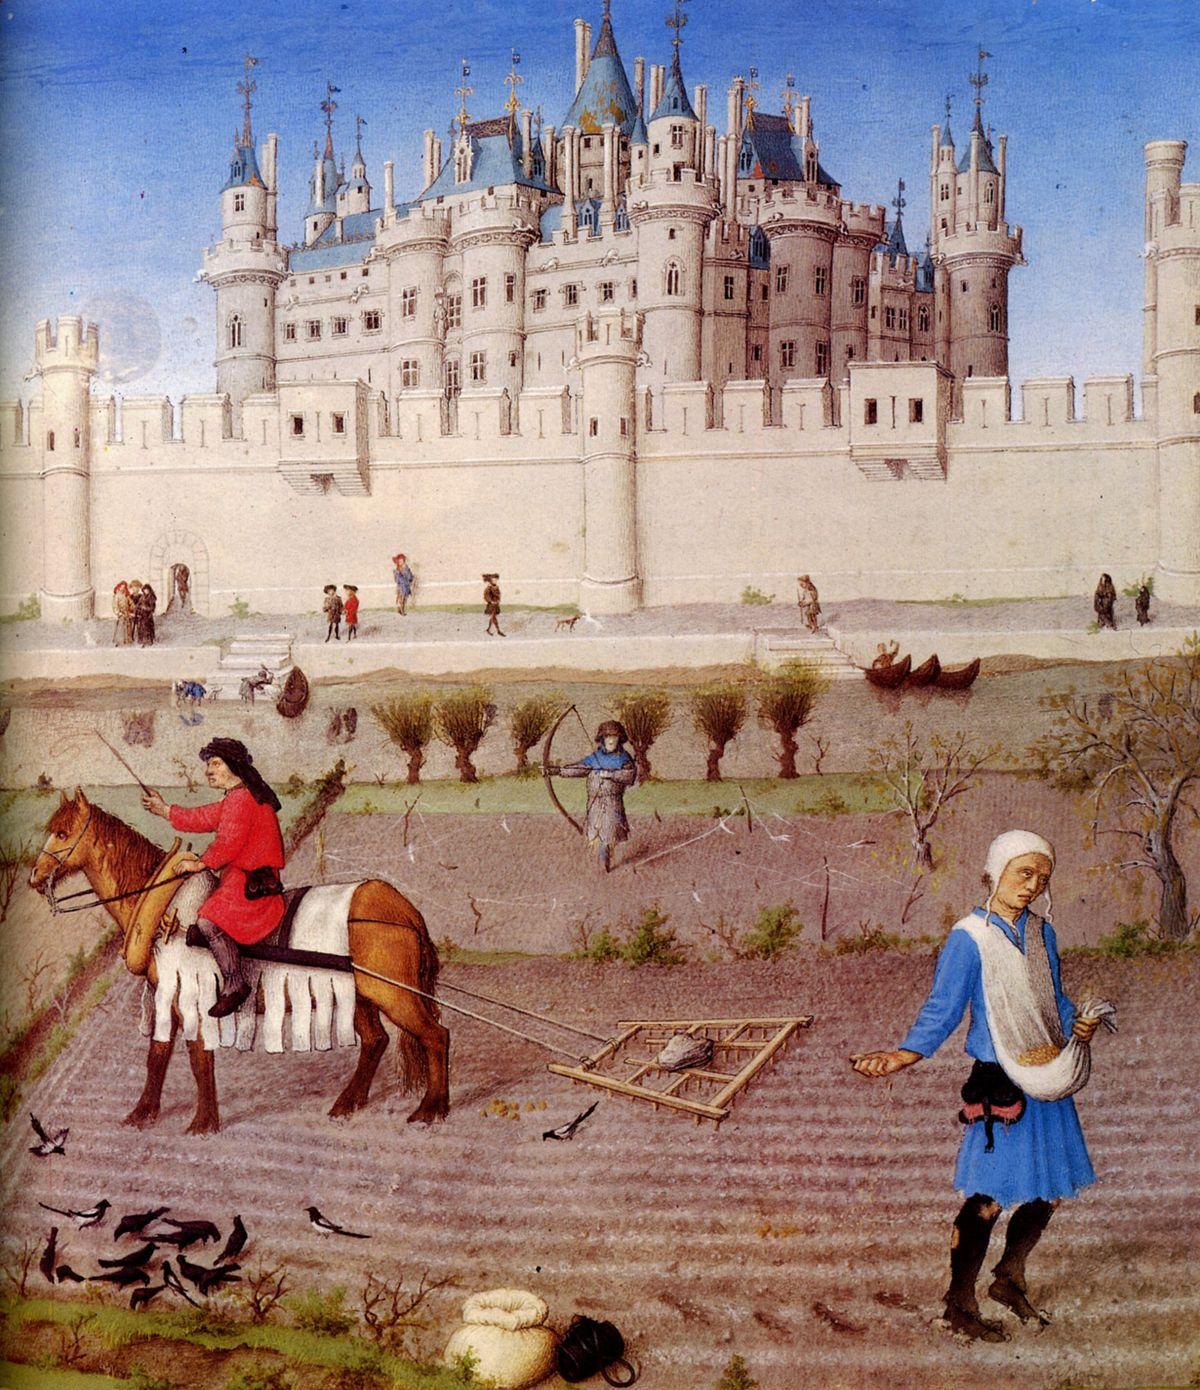 Medieval economics